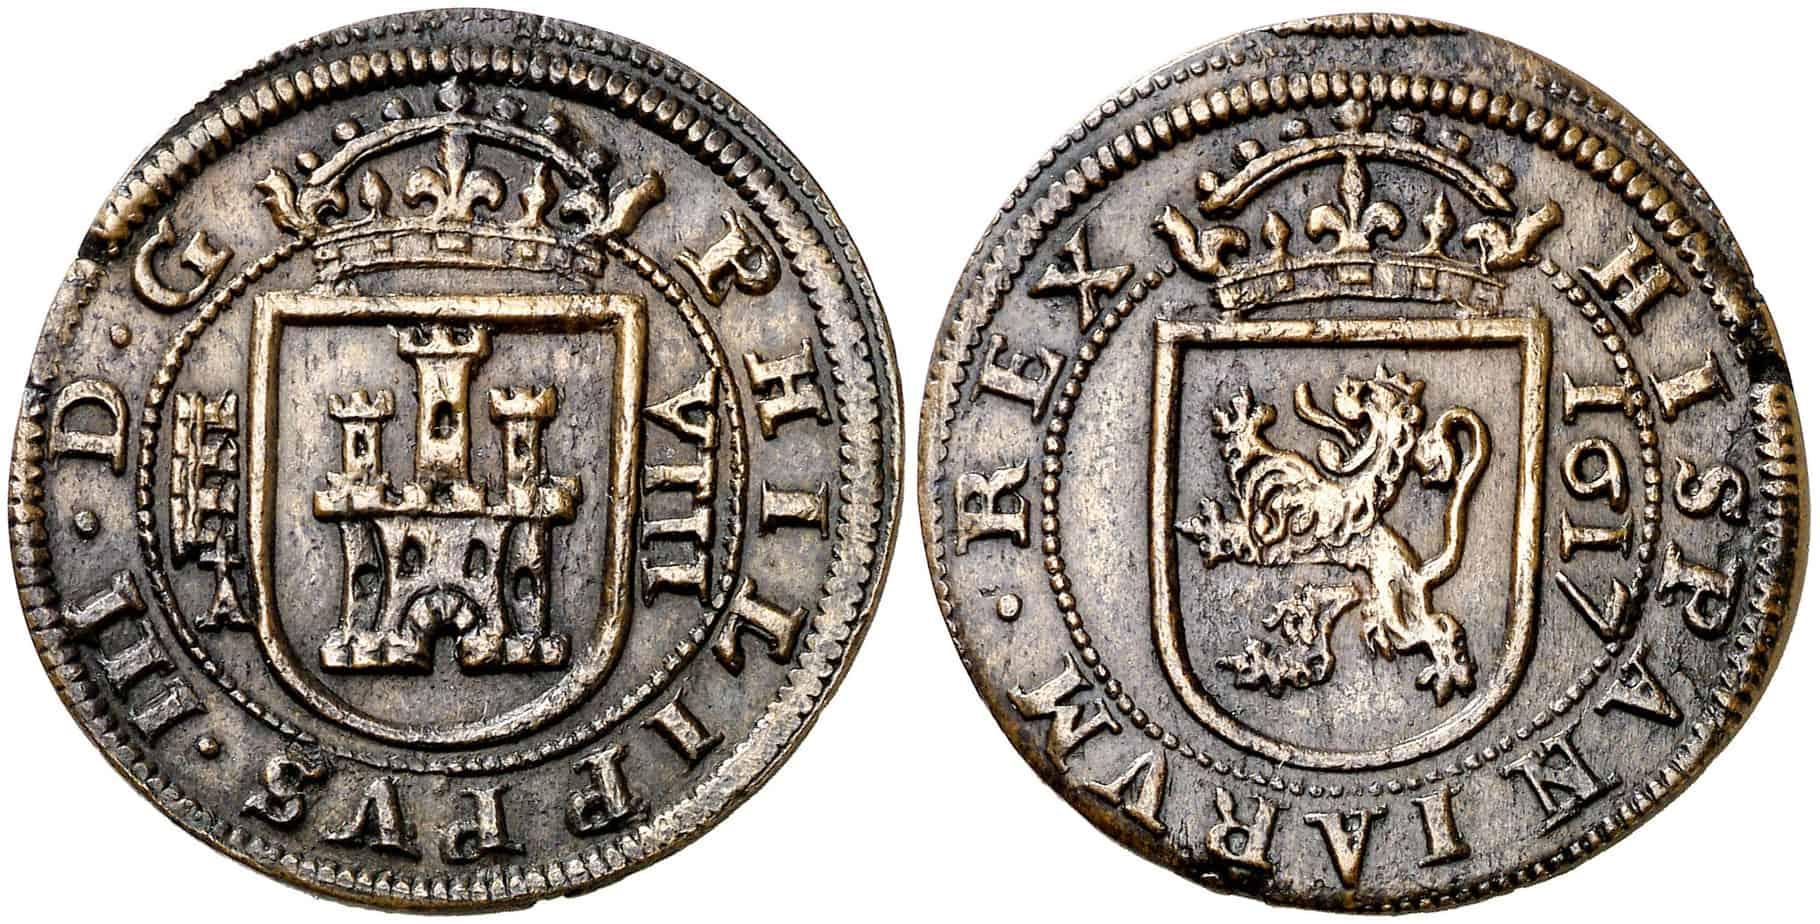 Priorizar los aspectos históricos o estéticos de una moneda